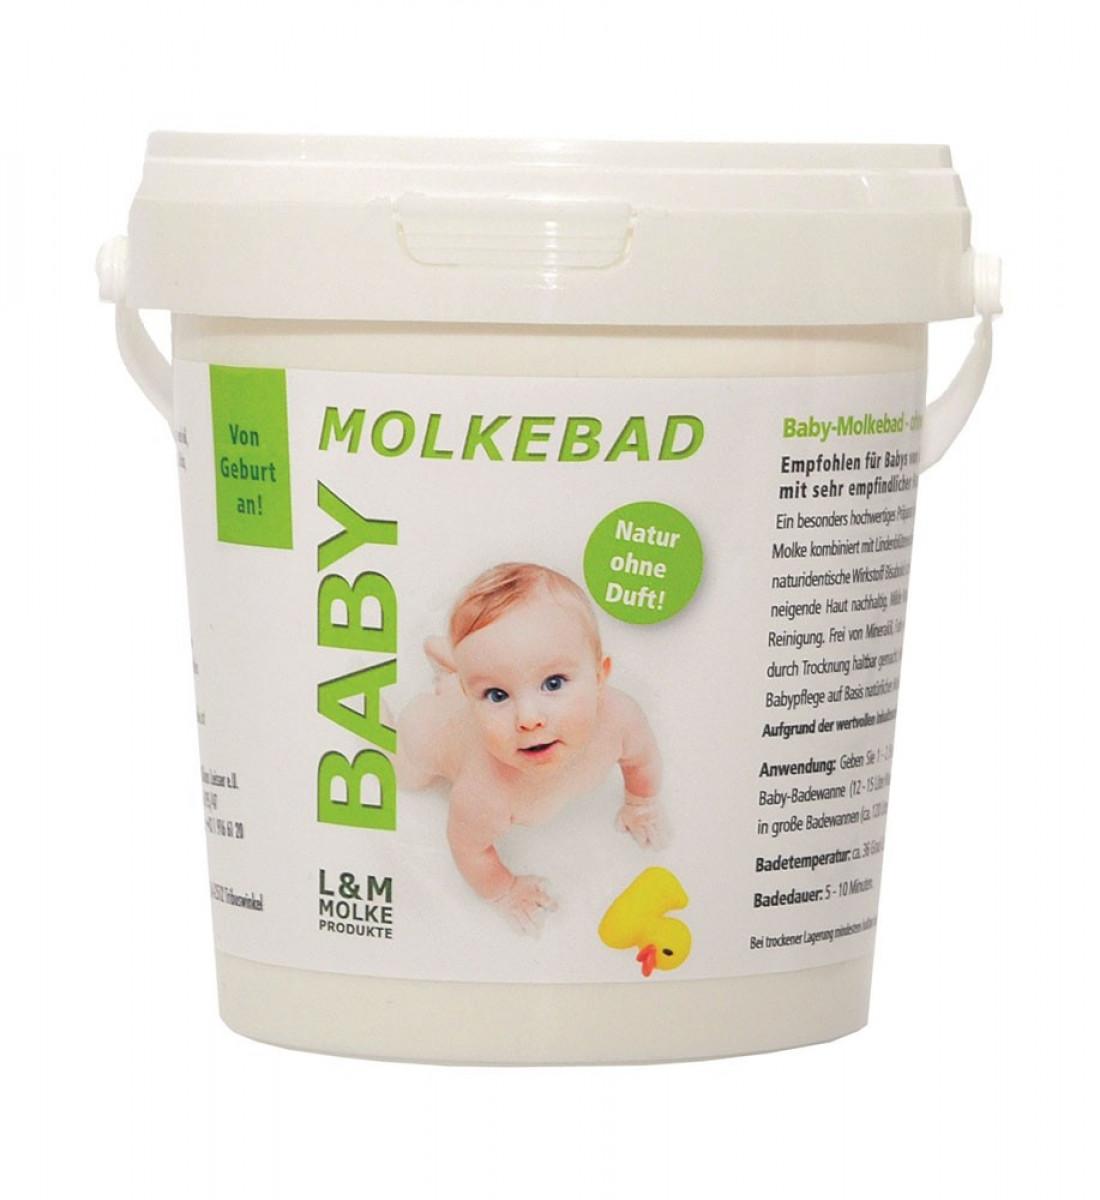 Molkebad für Baby ohne Duft und ohne Schaum 500 gr